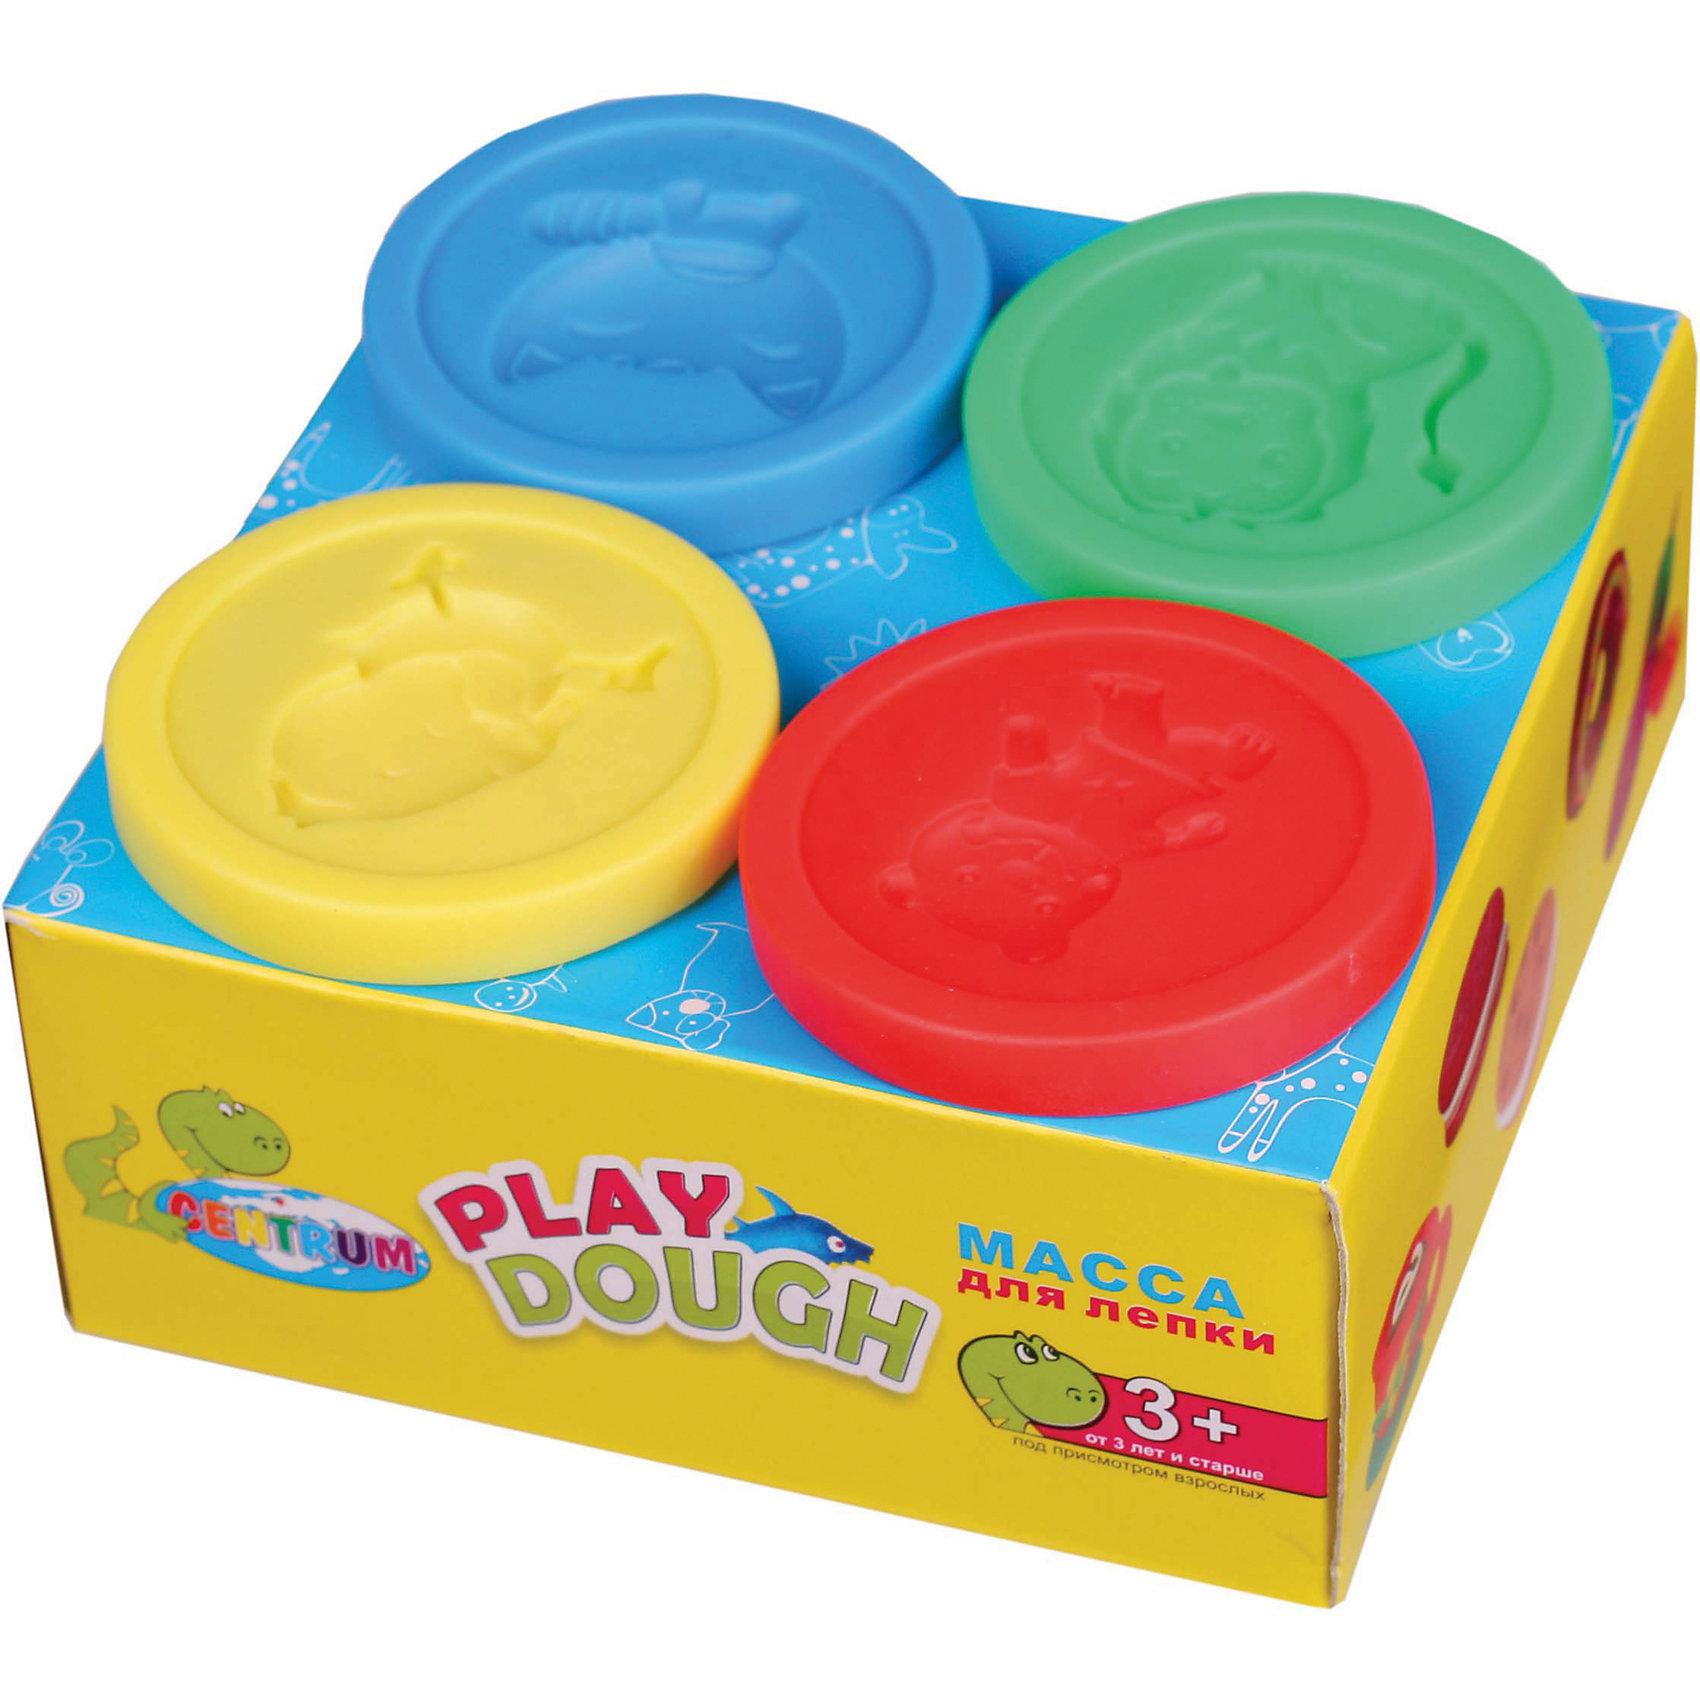 Тесто для лепки, 4 цвета в банкахТесто для лепки<br>Тесто для лепки, 4 цвета в банках<br><br>Характеристики:<br><br>- в набор входит: 4 банки с тестом по 50 гр.<br>- состав: пластик, тесто: вода, мука, масло. <br>- формат: 12 * 5 * 12 см.<br>- вес: 300 гр.<br>- для детей в возрасте: от 3 до 7 лет<br>- Страна производитель: Китай<br><br>Тесто для лепки в удобных баночках с формочками в крышках придет по вкусу малышам и родителям. Немецкая компания Centrum (Центрум) специализируется на товарах для детского творчества и развития. Безопасный состав теста нетоксичен и безопасен для детей. Веселые формочки и яркие рисунки на коробочке вдохновят как девочек, так и мальчиков. Яркие четыре цвета теста можно смешивать между собой и получать новые оттенки, что понравится юным творцам. После игры тесто можно хранить в практичных баночках из комплекта. Работа с тестом для лепки разрабатывает моторику рук, творческие способности, успокаивает, помогает развить аккуратность и внимание. <br><br>Тесто для лепки, 4 цвета в банках можно купить в нашем интернет-магазине.<br><br>Ширина мм: 50<br>Глубина мм: 105<br>Высота мм: 105<br>Вес г: 300<br>Возраст от месяцев: 36<br>Возраст до месяцев: 120<br>Пол: Унисекс<br>Возраст: Детский<br>SKU: 5175485